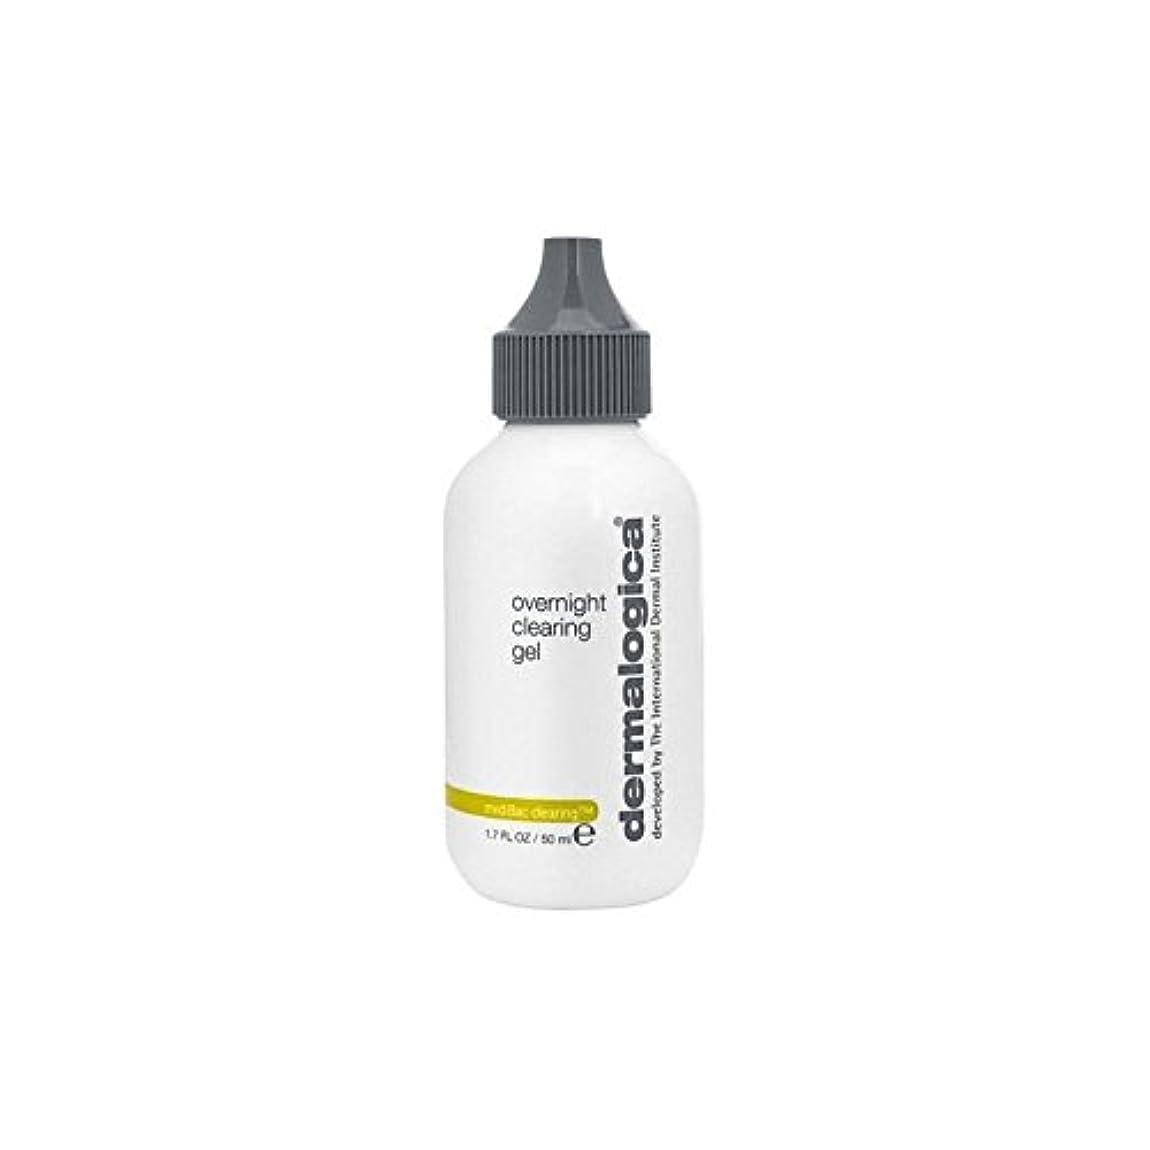 典型的な伝記専門知識Dermalogica Medibac Overnight Clearing Gel (50ml) - ダーマロジカ一晩透明ゲル(50)中 [並行輸入品]